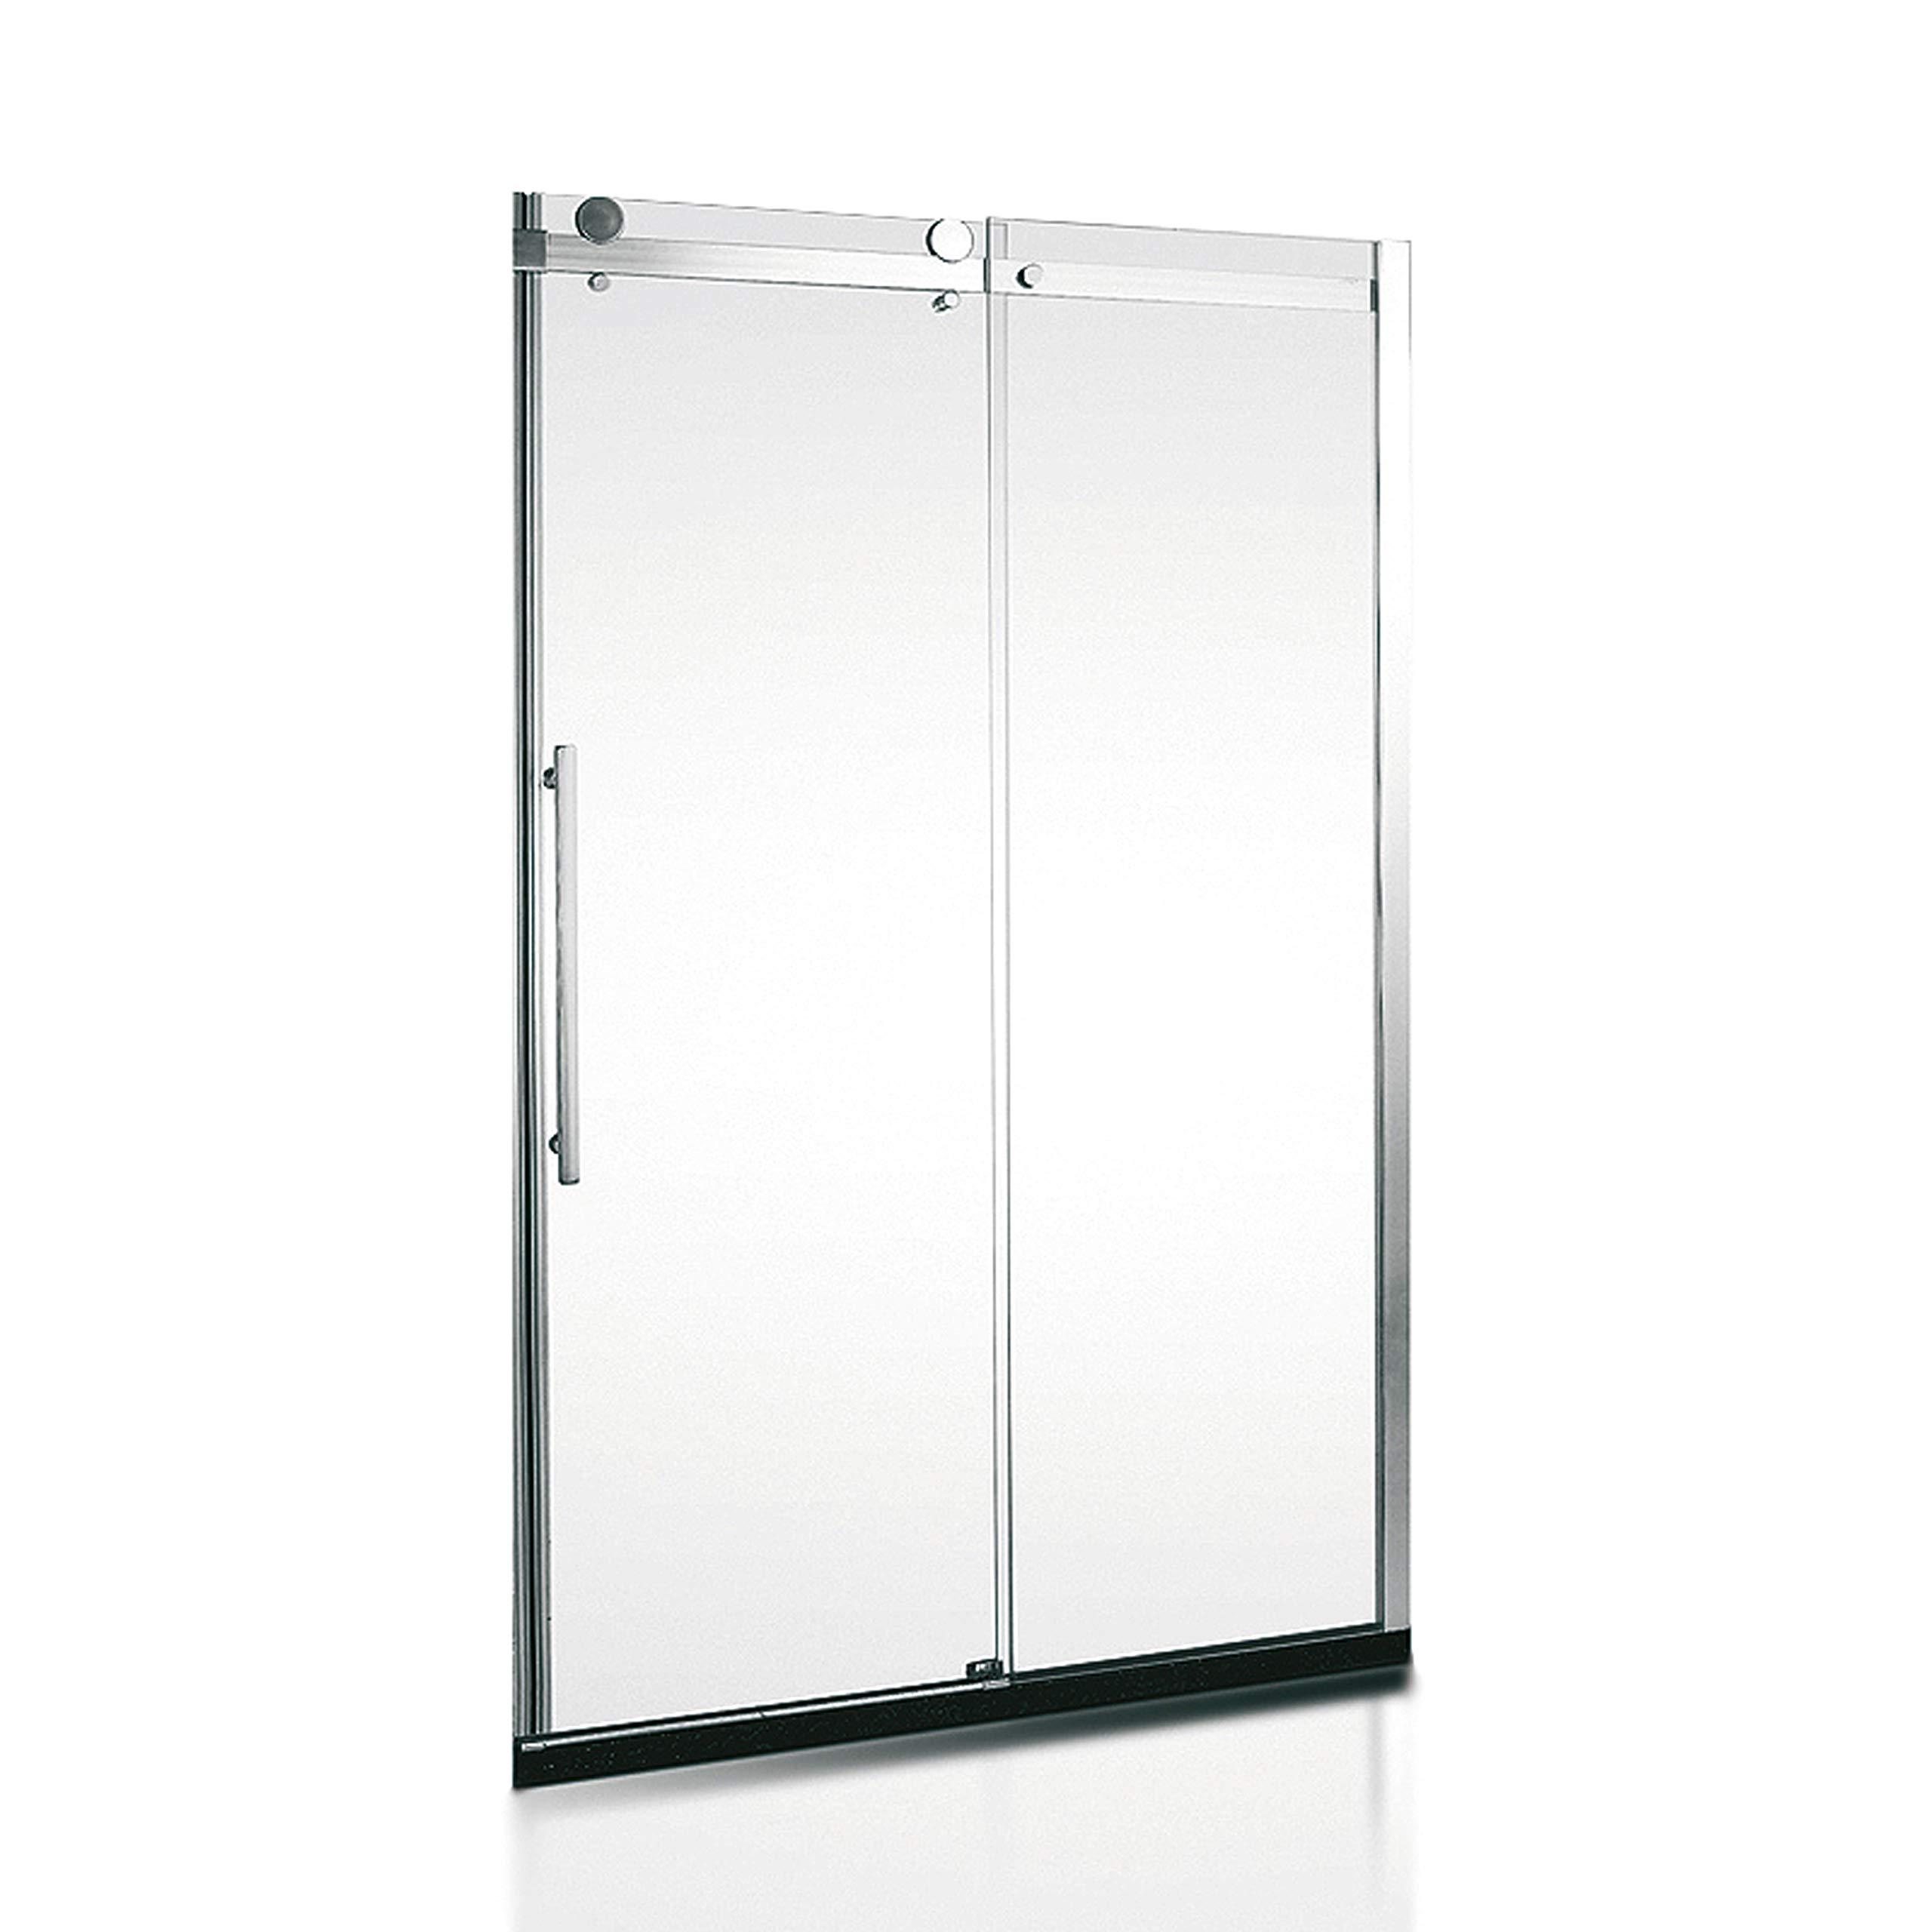 Mampara de Ducha Frontal MIRAGE. Con Rodamientos en Acero Inoxidable. Cristal Transparente. (140x190 cm): Amazon.es: Bricolaje y herramientas